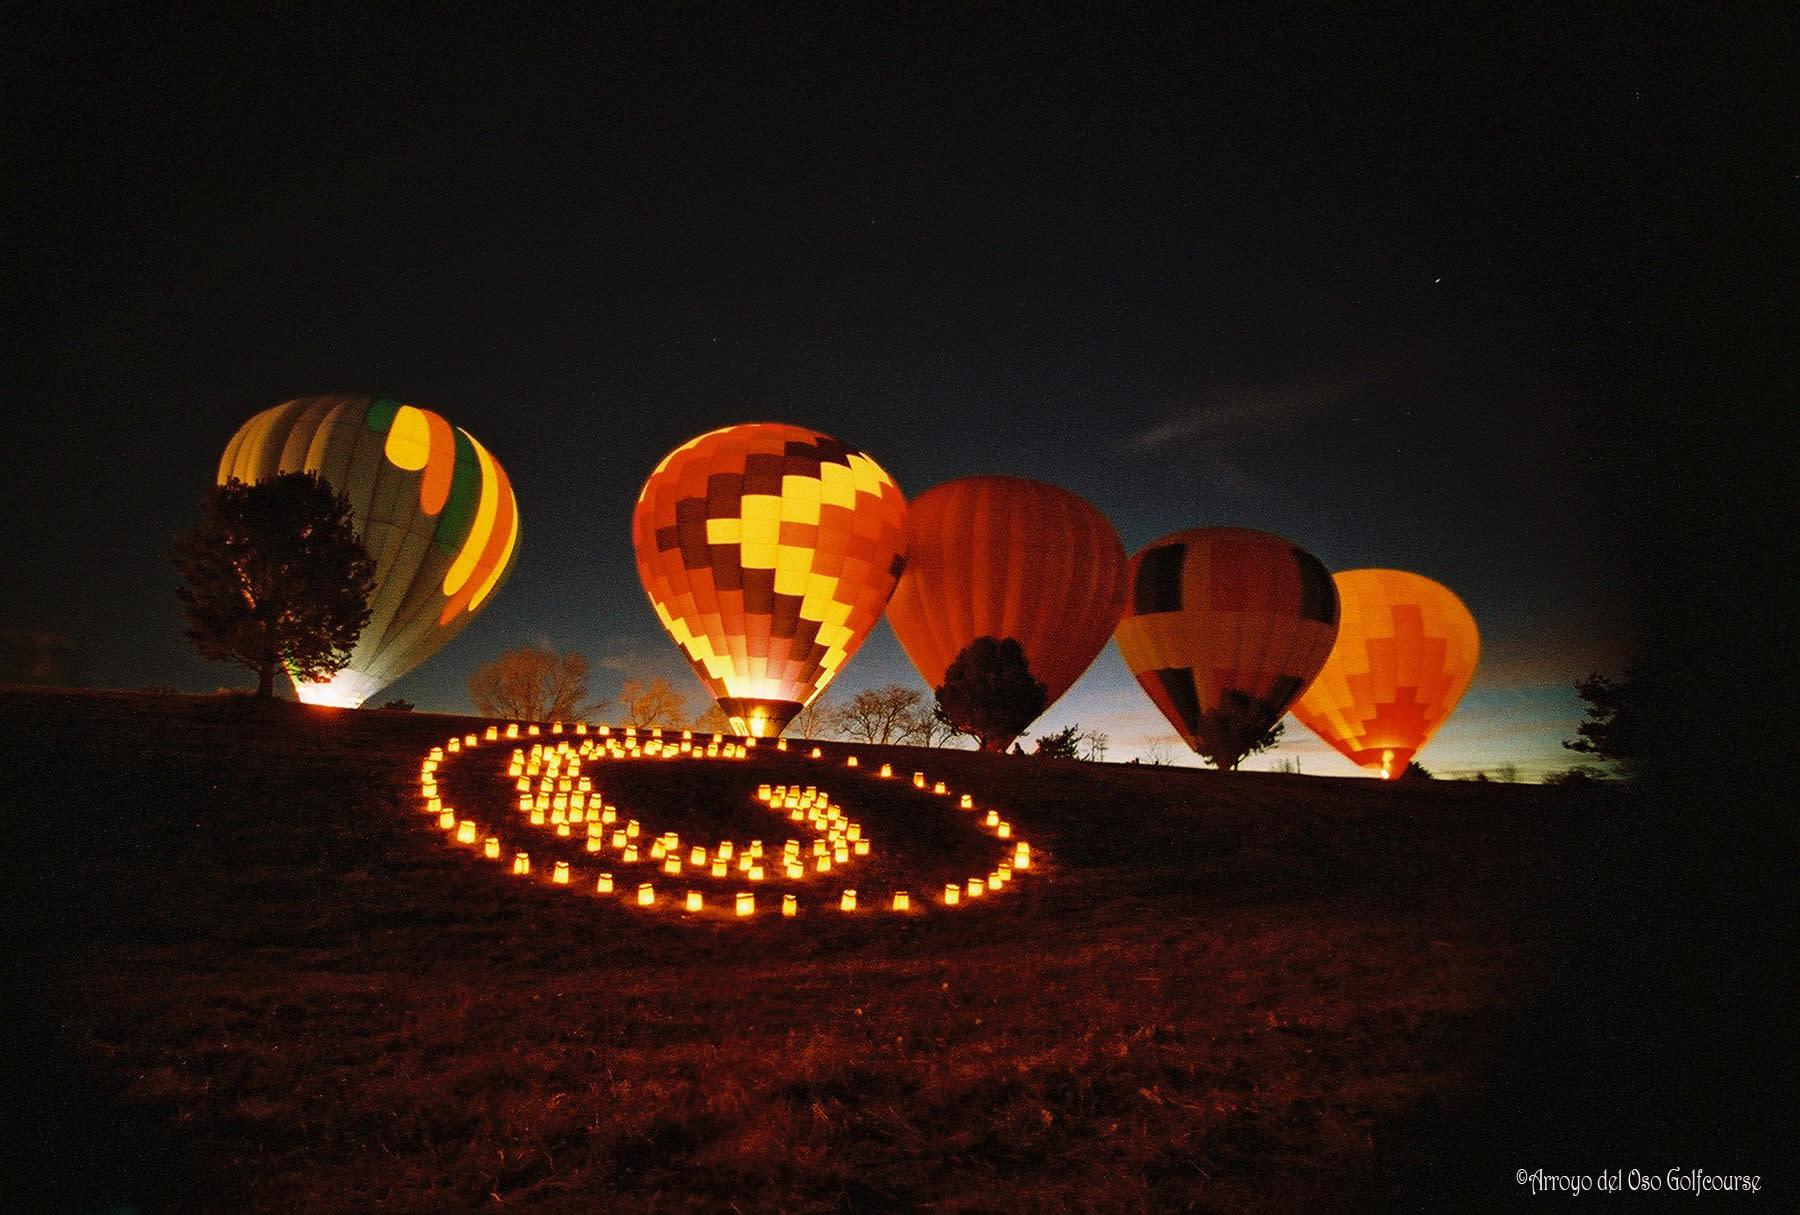 Arroyo del Oso Balloon Glow on Christmas Eve in Albuquerque